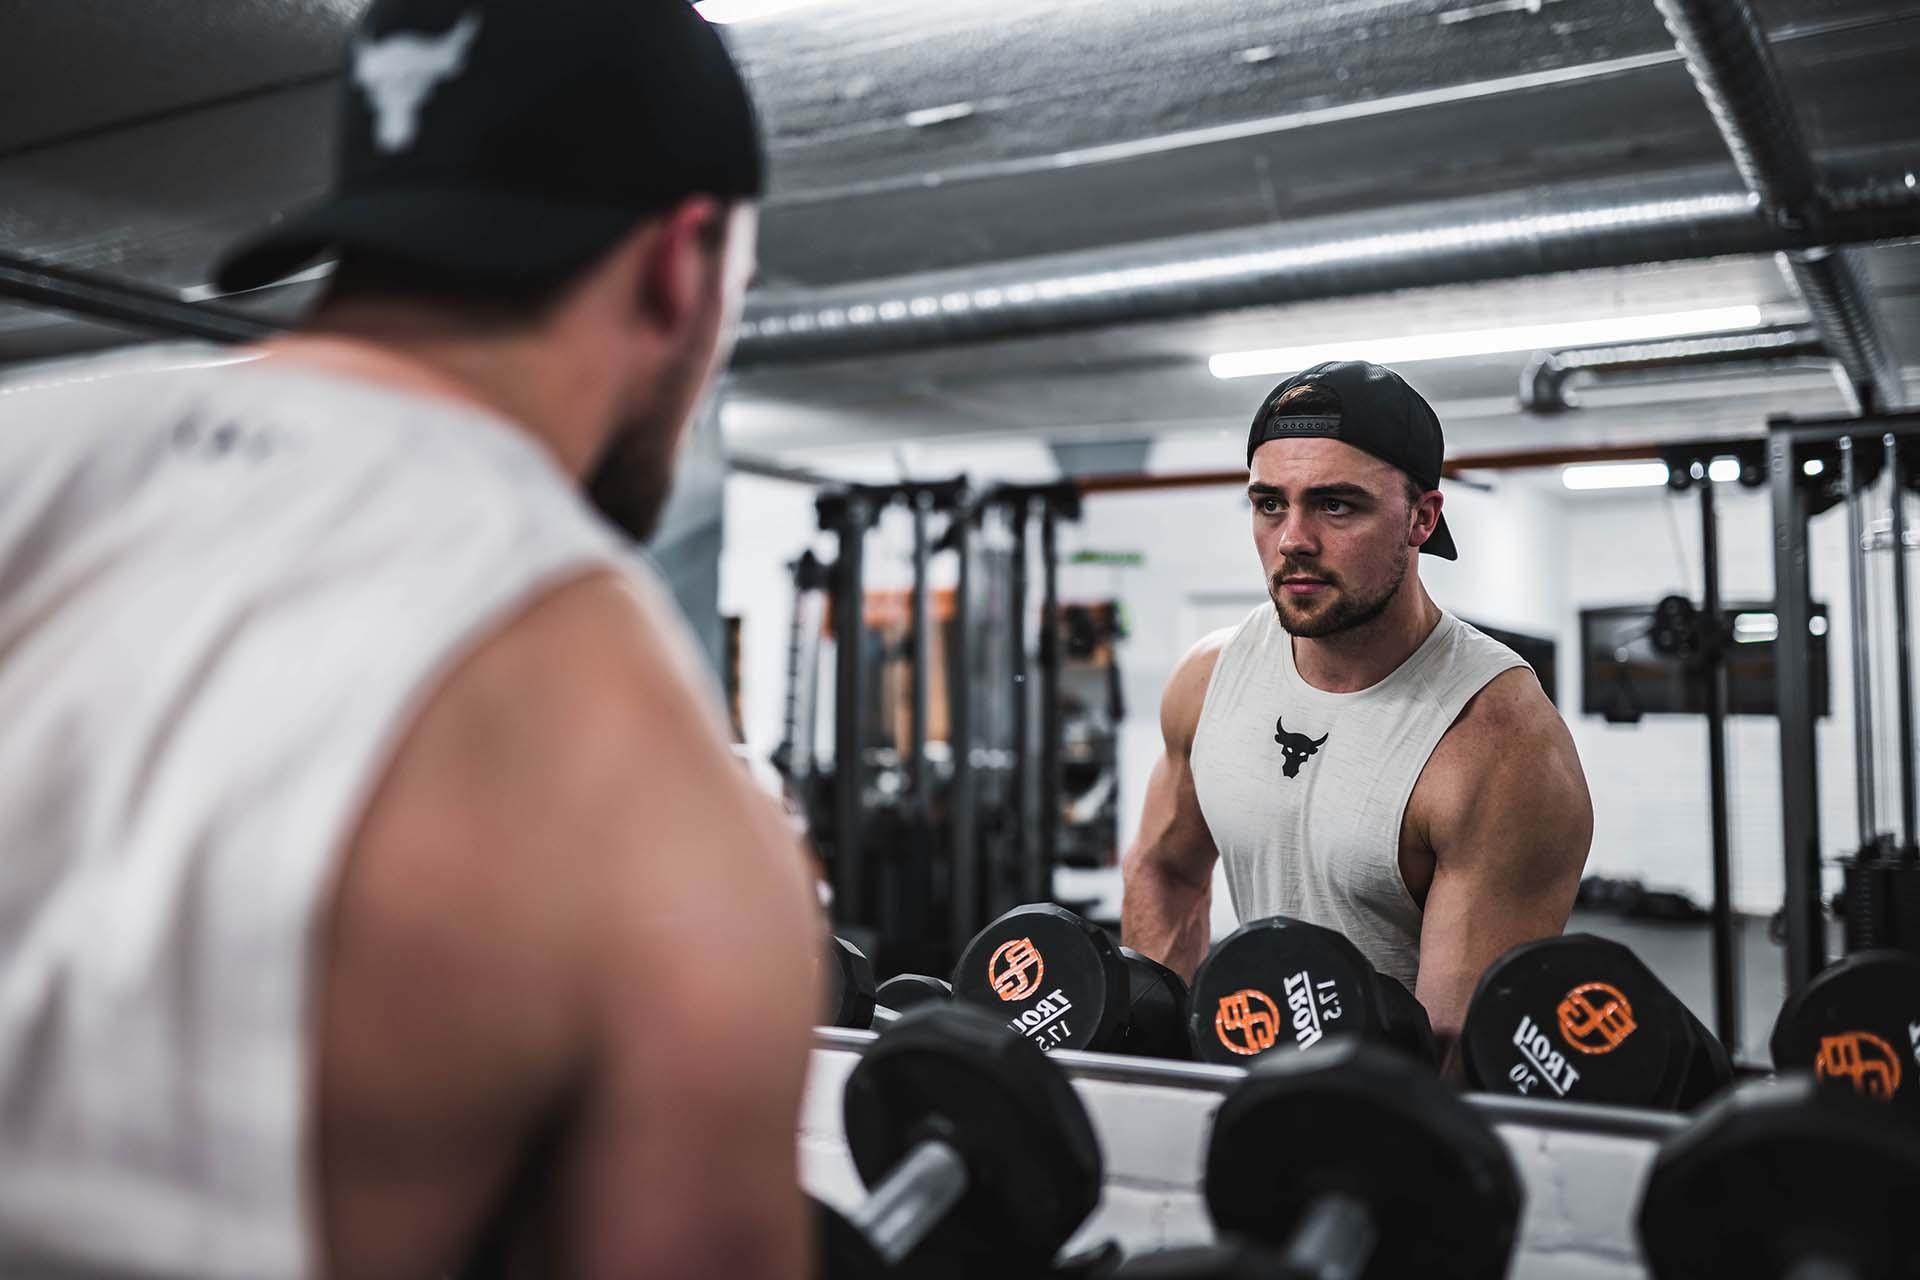 Anonymität und Einsamkeit in Fitness Studios und Sportvereinen